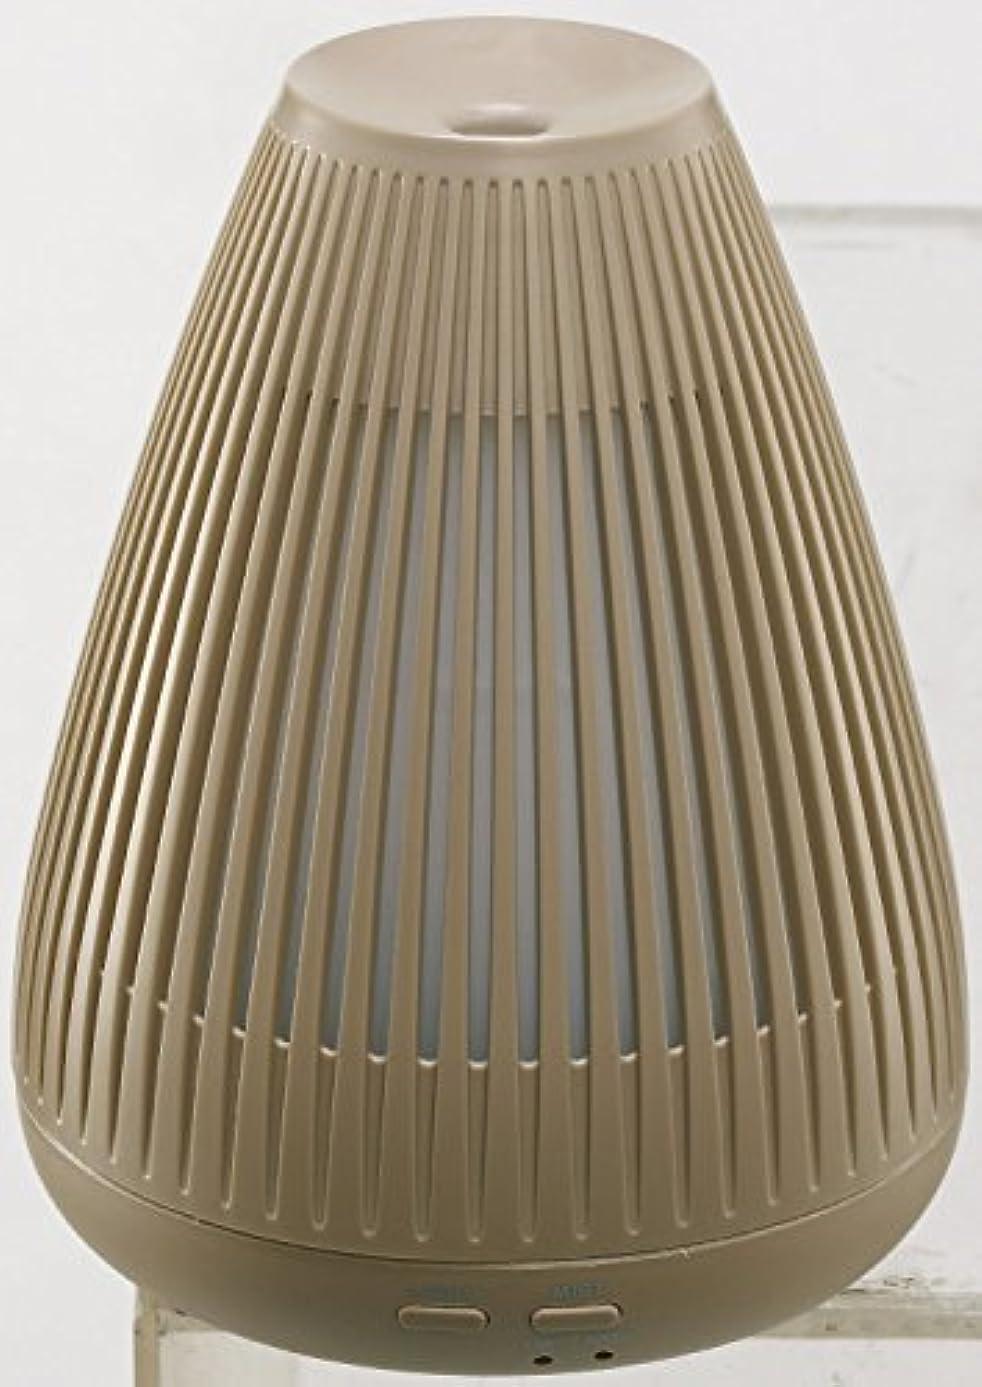 挽く発音理想的にはムード 超音波アロマディフューザー ライトブラウン MOD-AM1102 LBR